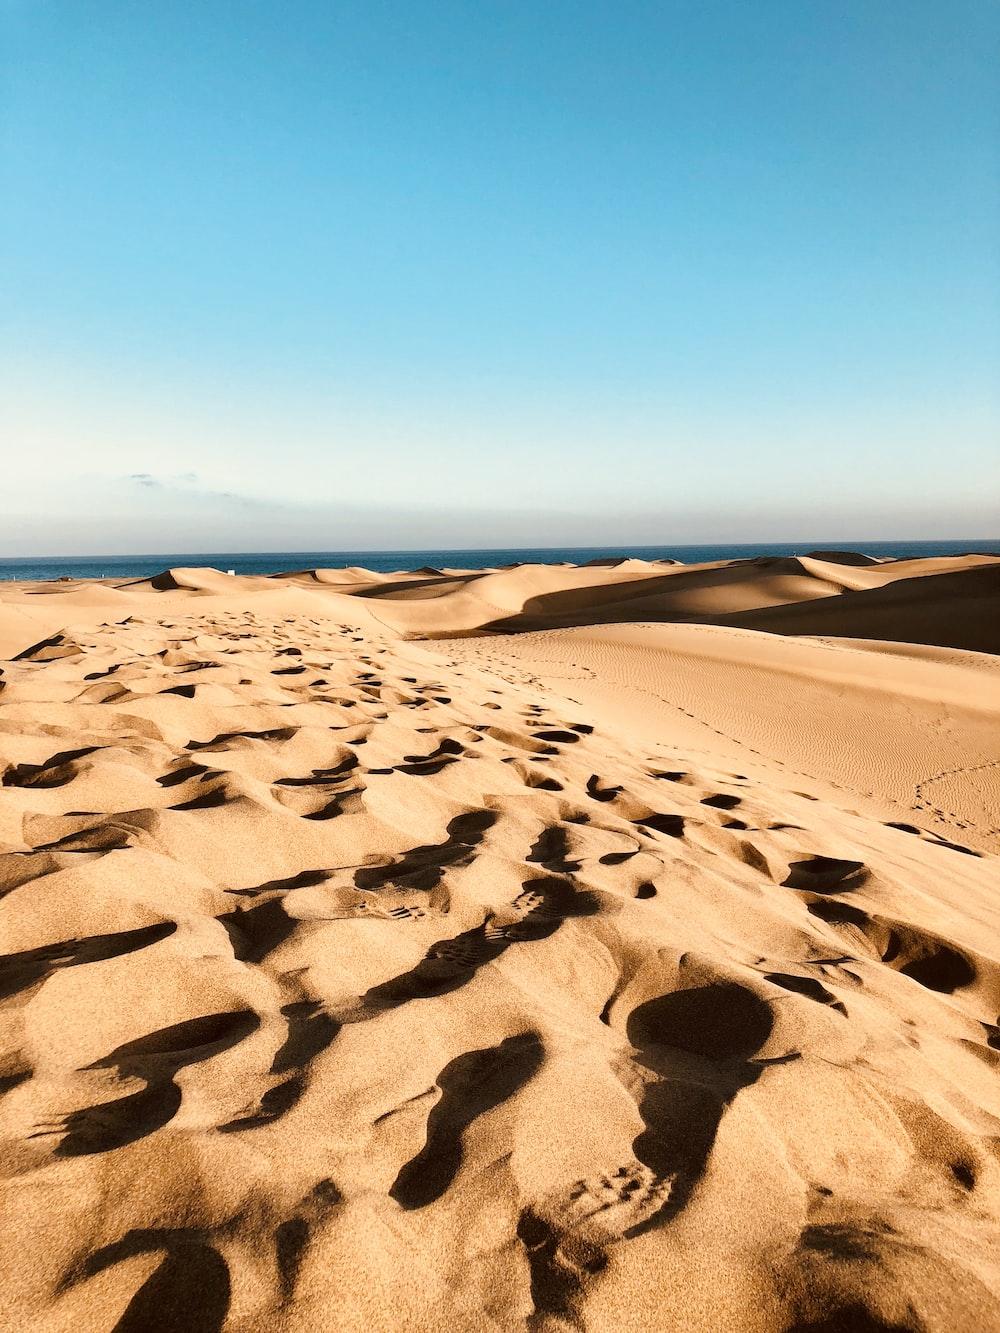 arena marrón bajo un cielo azul durante el día